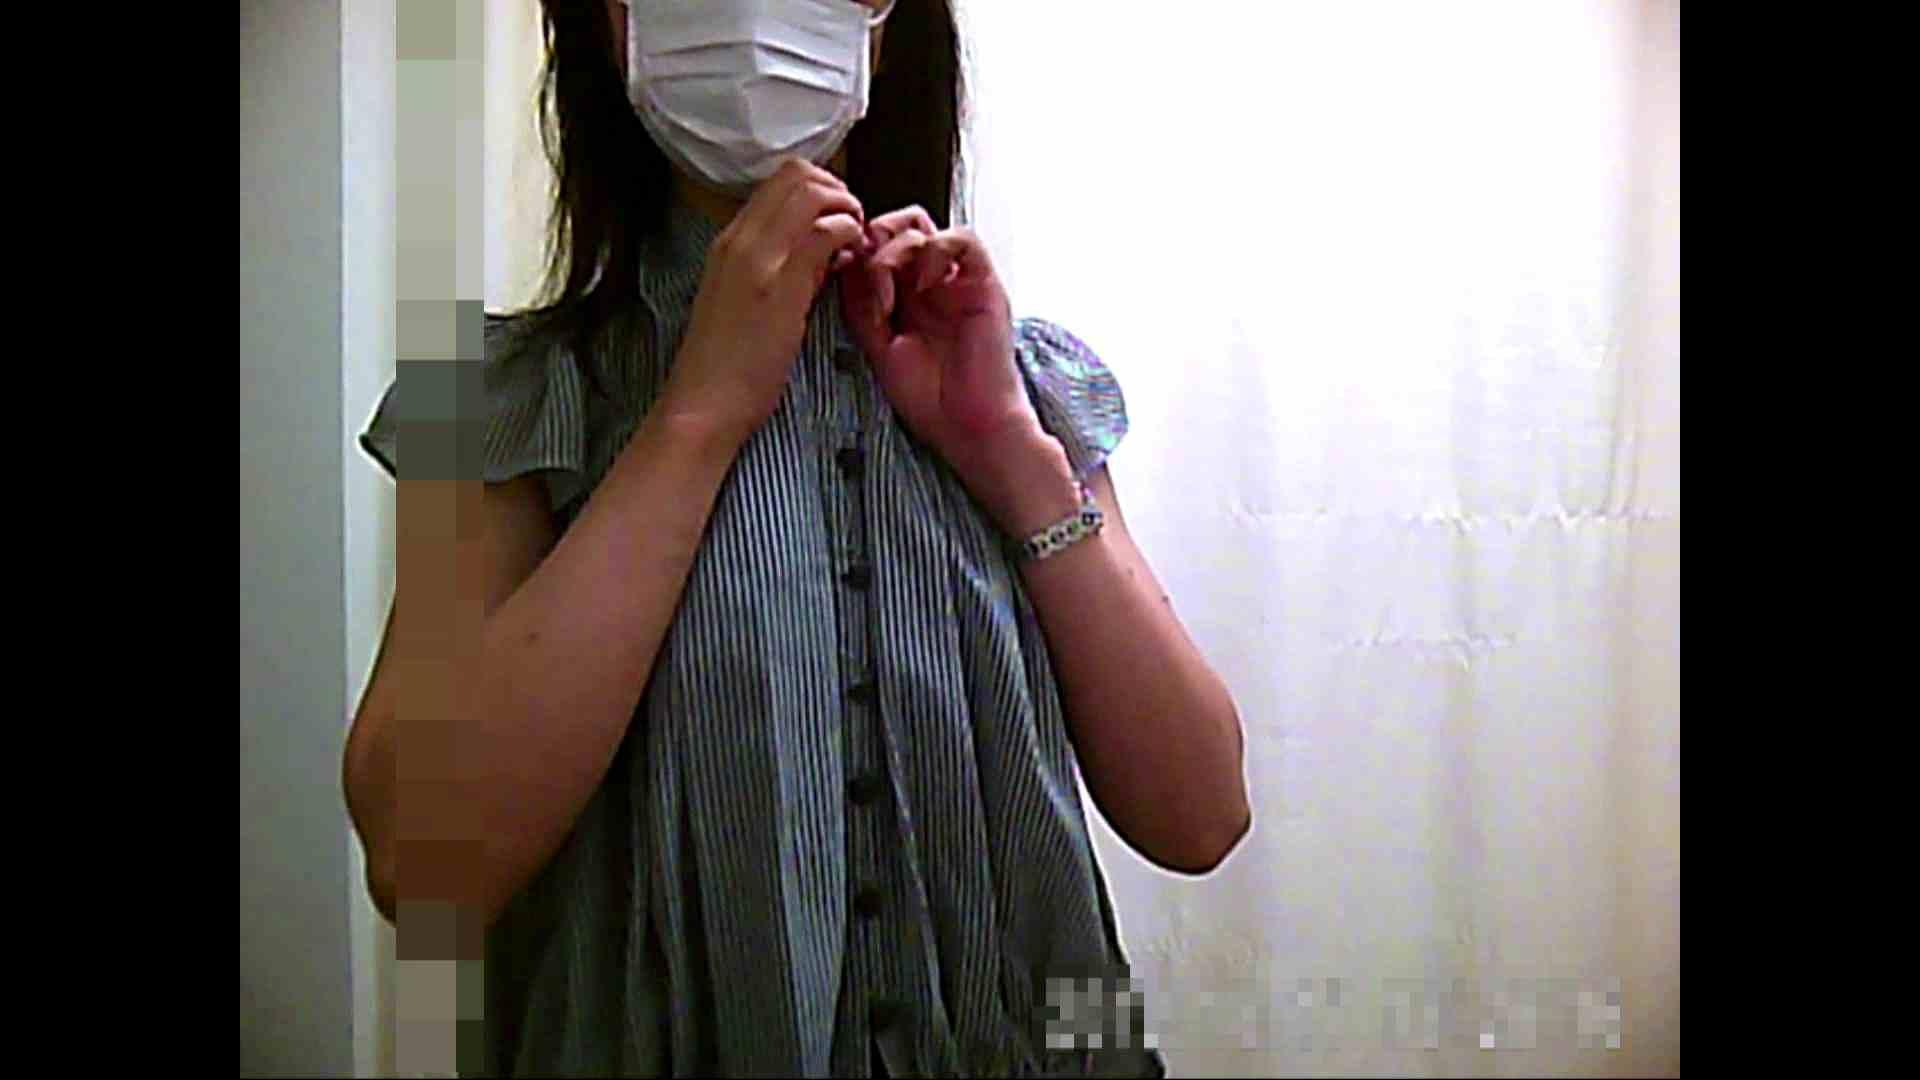 元医者による反抗 更衣室地獄絵巻 vol.054 ギャル達 | お姉さんのSEX  97枚 46